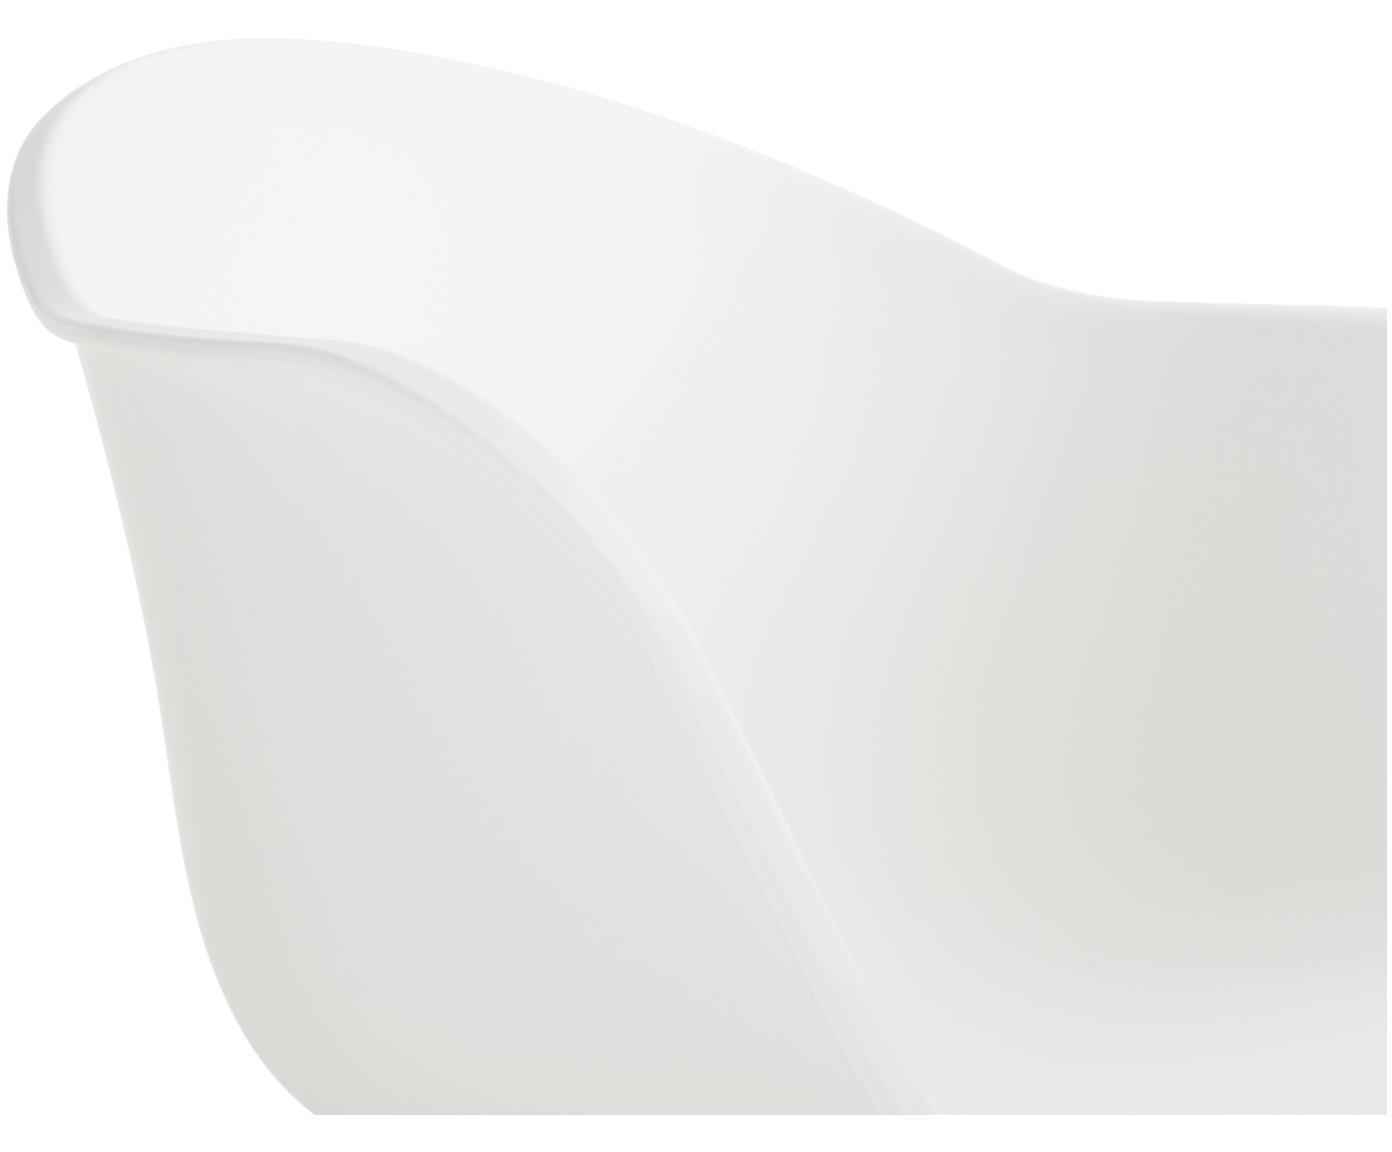 Krzesło z podłokietnikami z tworzywa sztucznego Claire, Nogi: drewno bukowe, Siedzisko: biały Nogi: drewno bukowe, S 54 x G 60 cm